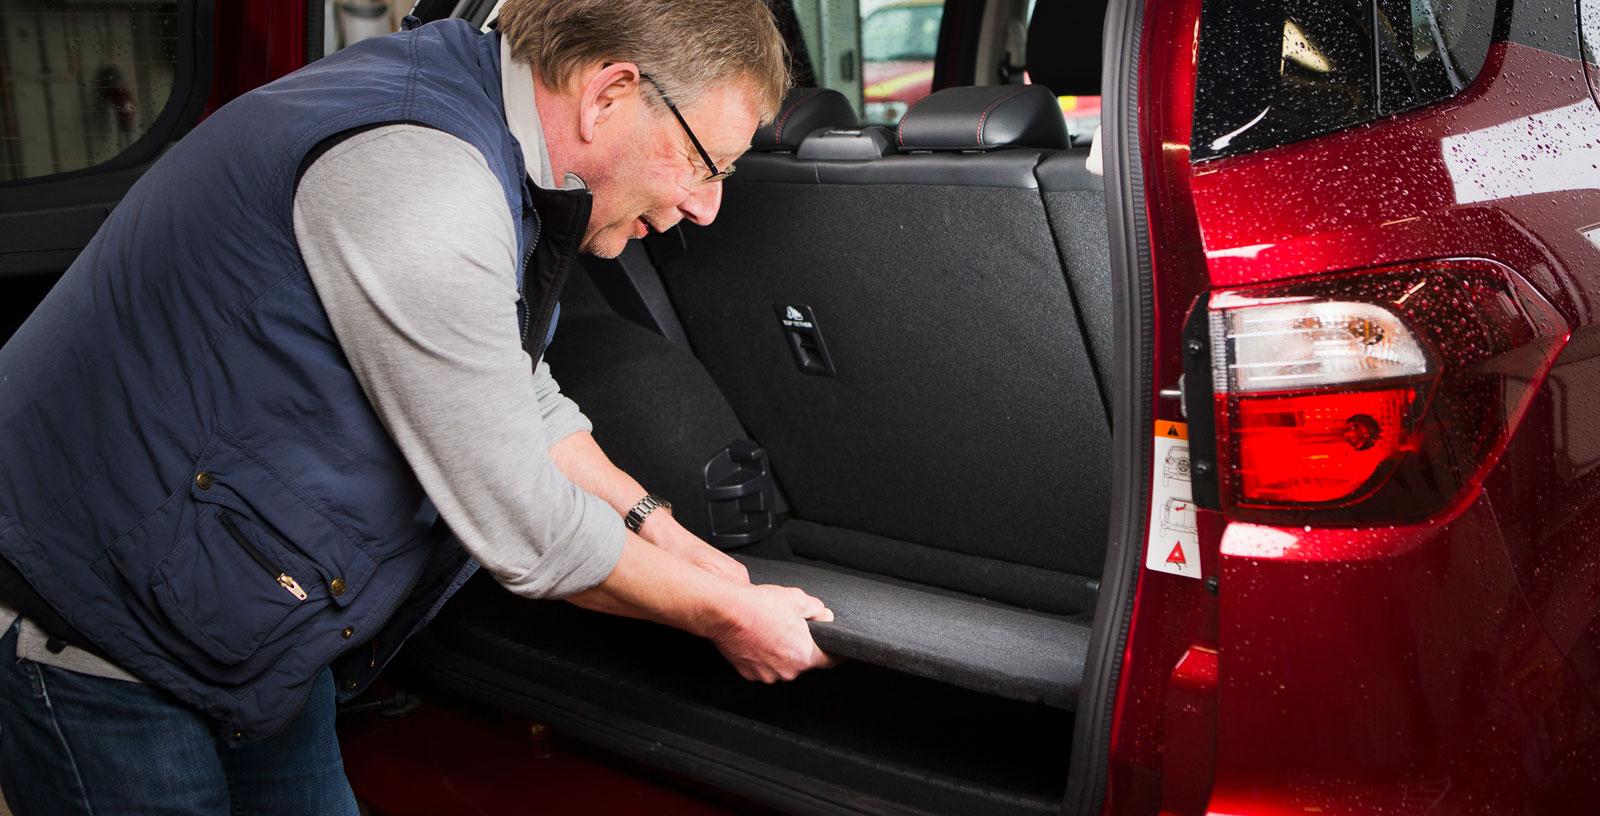 Fords lastgolv kan justeras i tre höjdlägen och både ryggstöd och sittdyna kan fällas i förhållandet 60/40. Med nedfällt baksäte är EcoSport testets klart rymligaste bil och dubbla kasskrokar finns. Men hatthyllan vållar irritation. Den följer, av naturliga skäl, inte med upp när bakdörren öppnas.